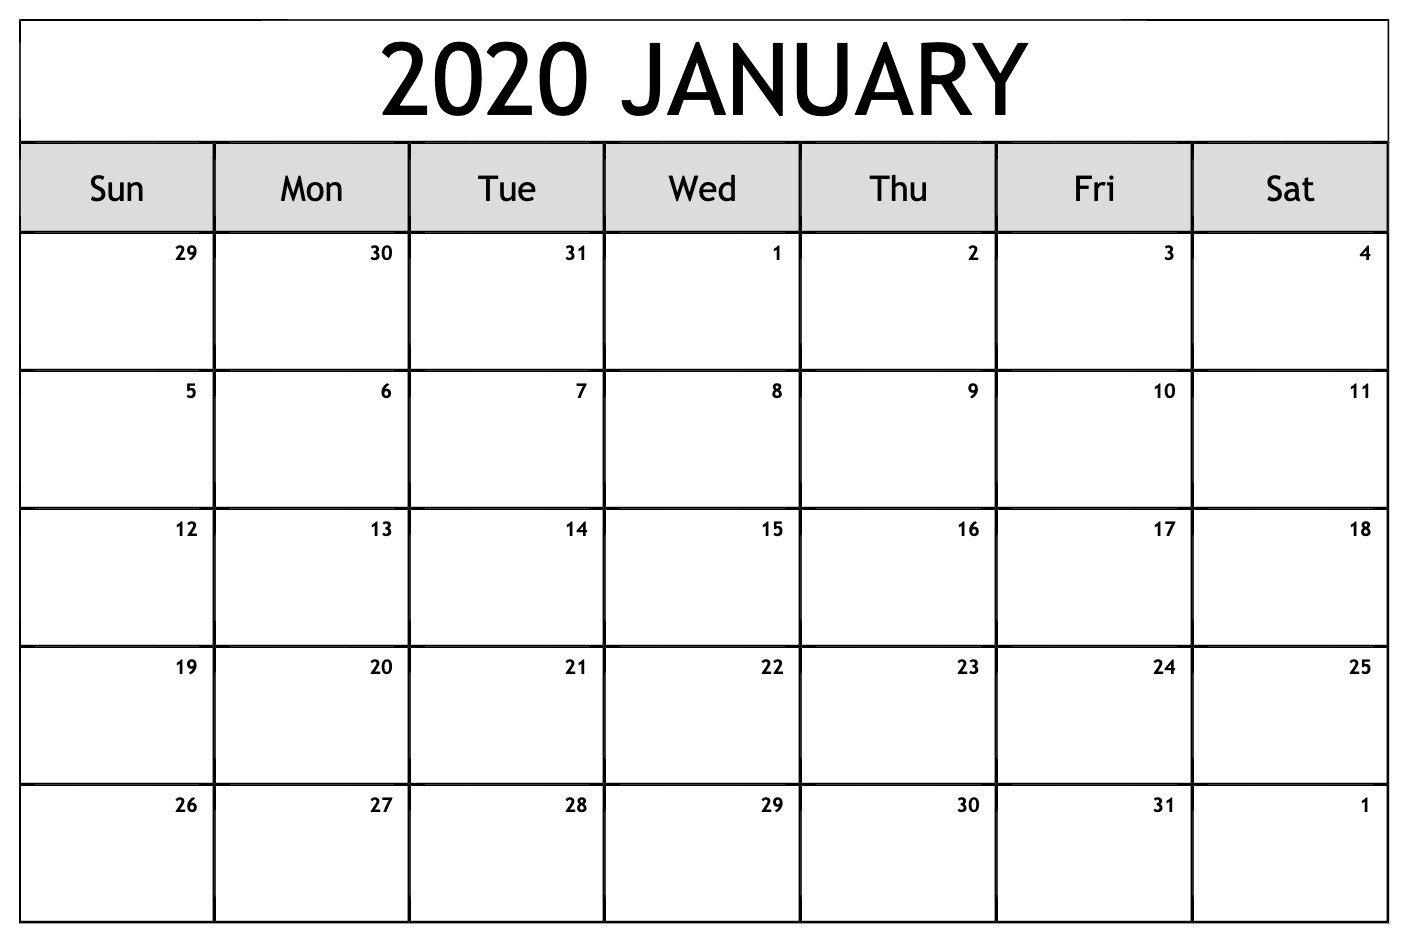 2020 Calendar You Can Edit | Calendar Printables Free Calendars You Can Modify